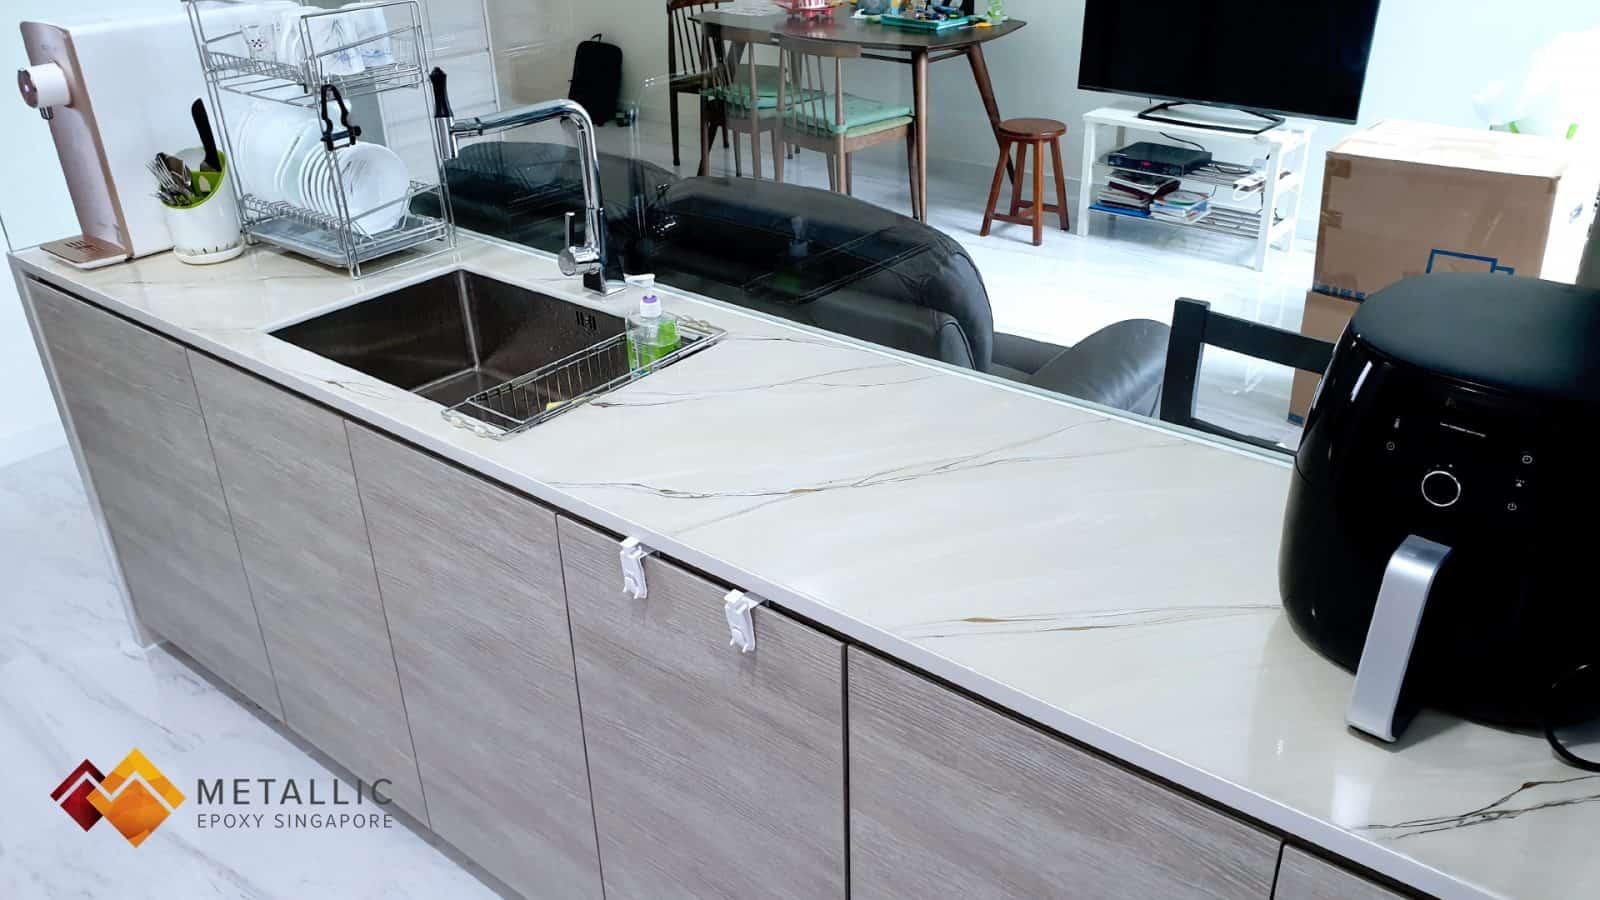 Metallic Epoxy Singapore black gold khaki marble kitchen countertop